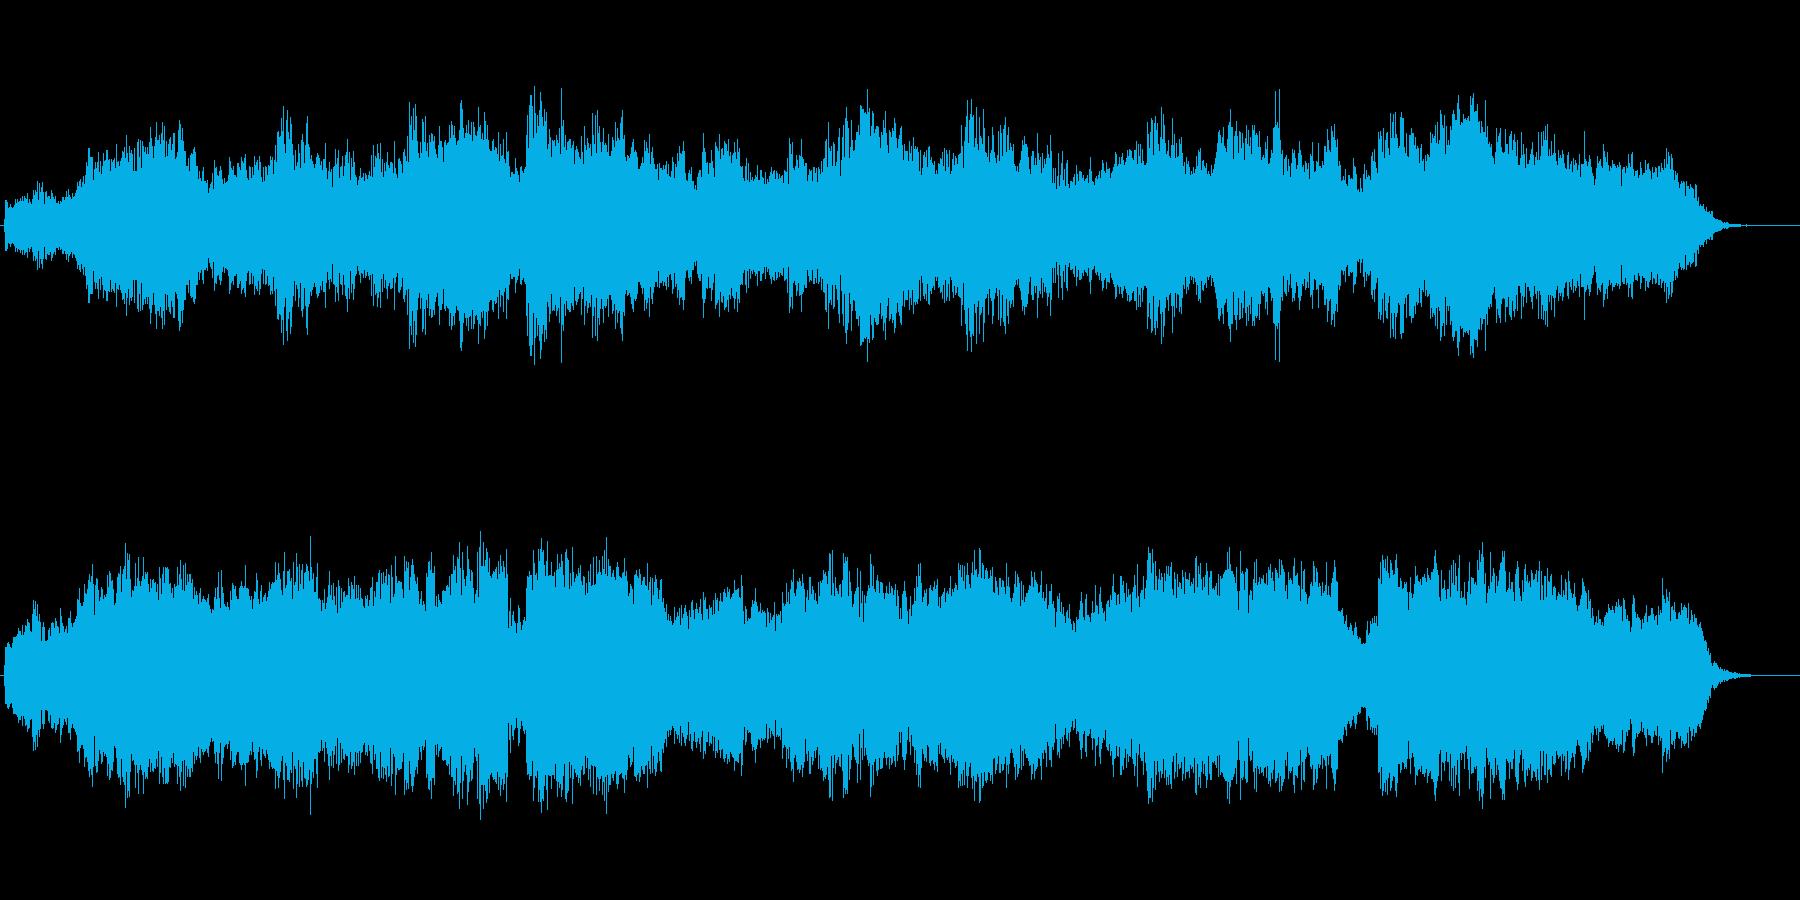 アヴェ・ヴェルム・コルプス 弦と木管の再生済みの波形